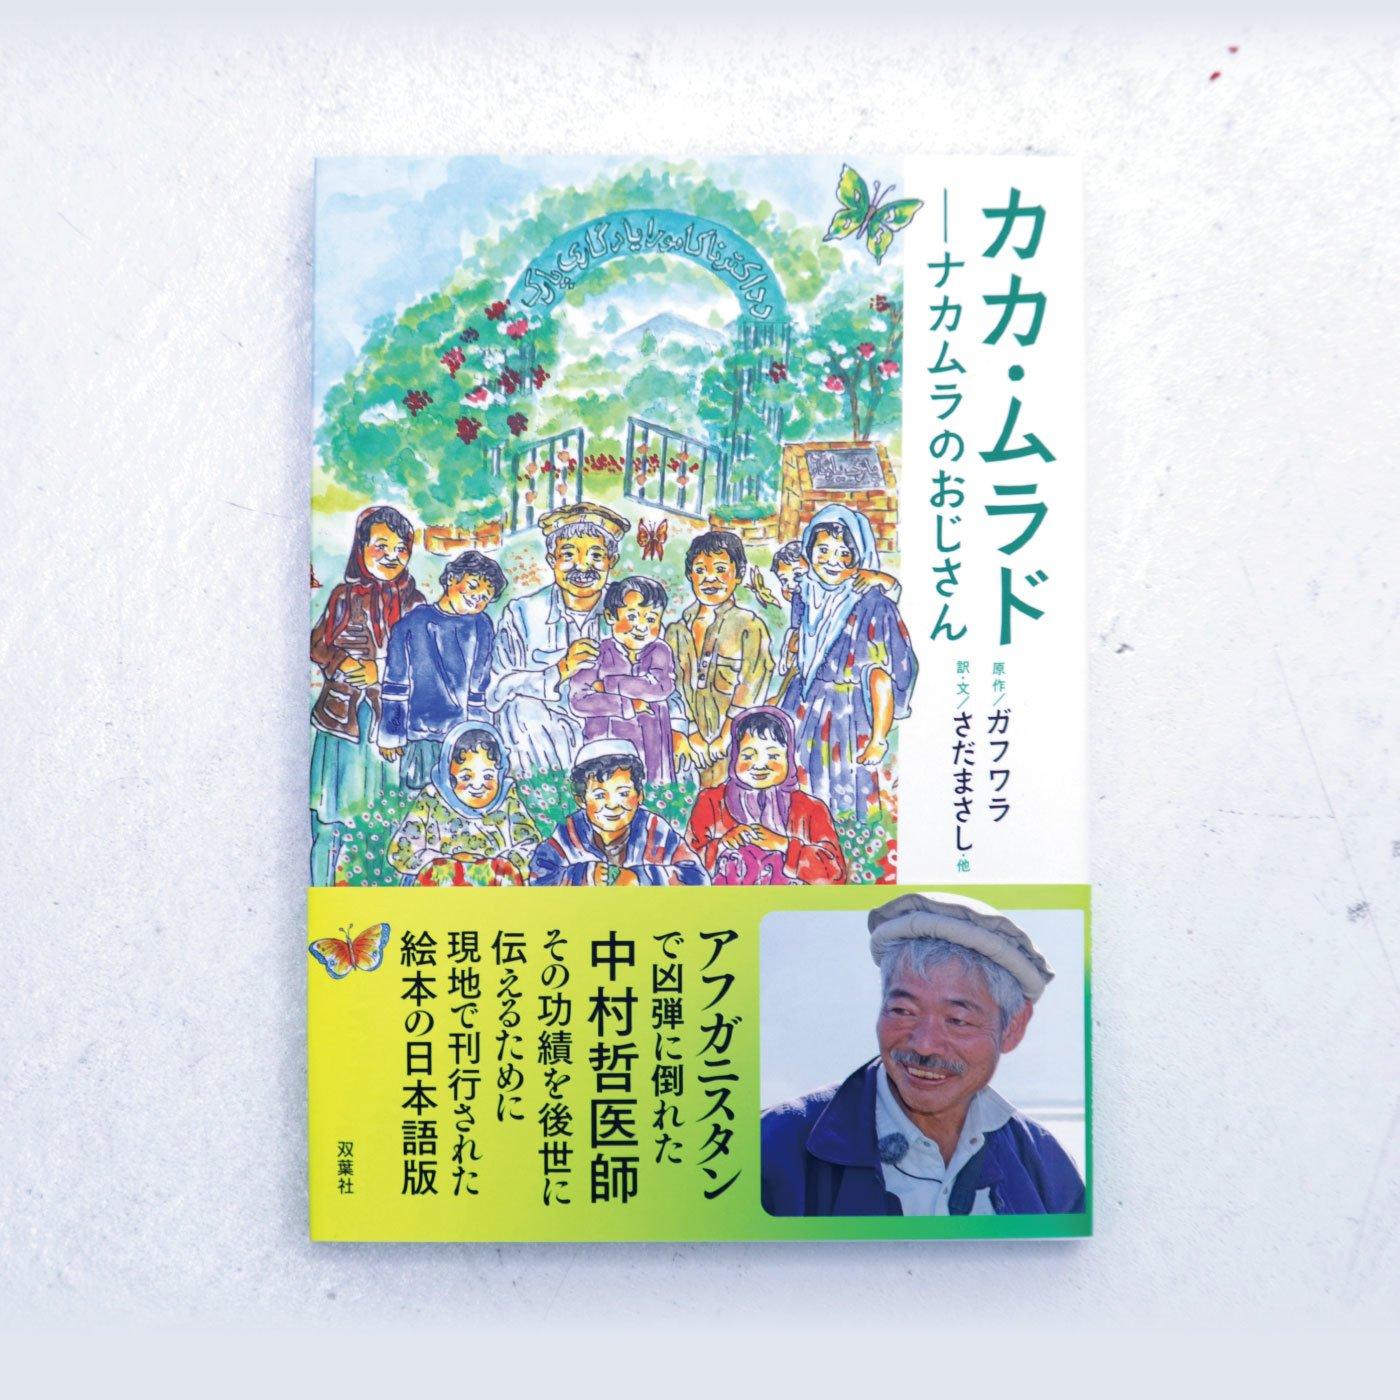 カカ・ムラド ─ナカムラのおじさん─